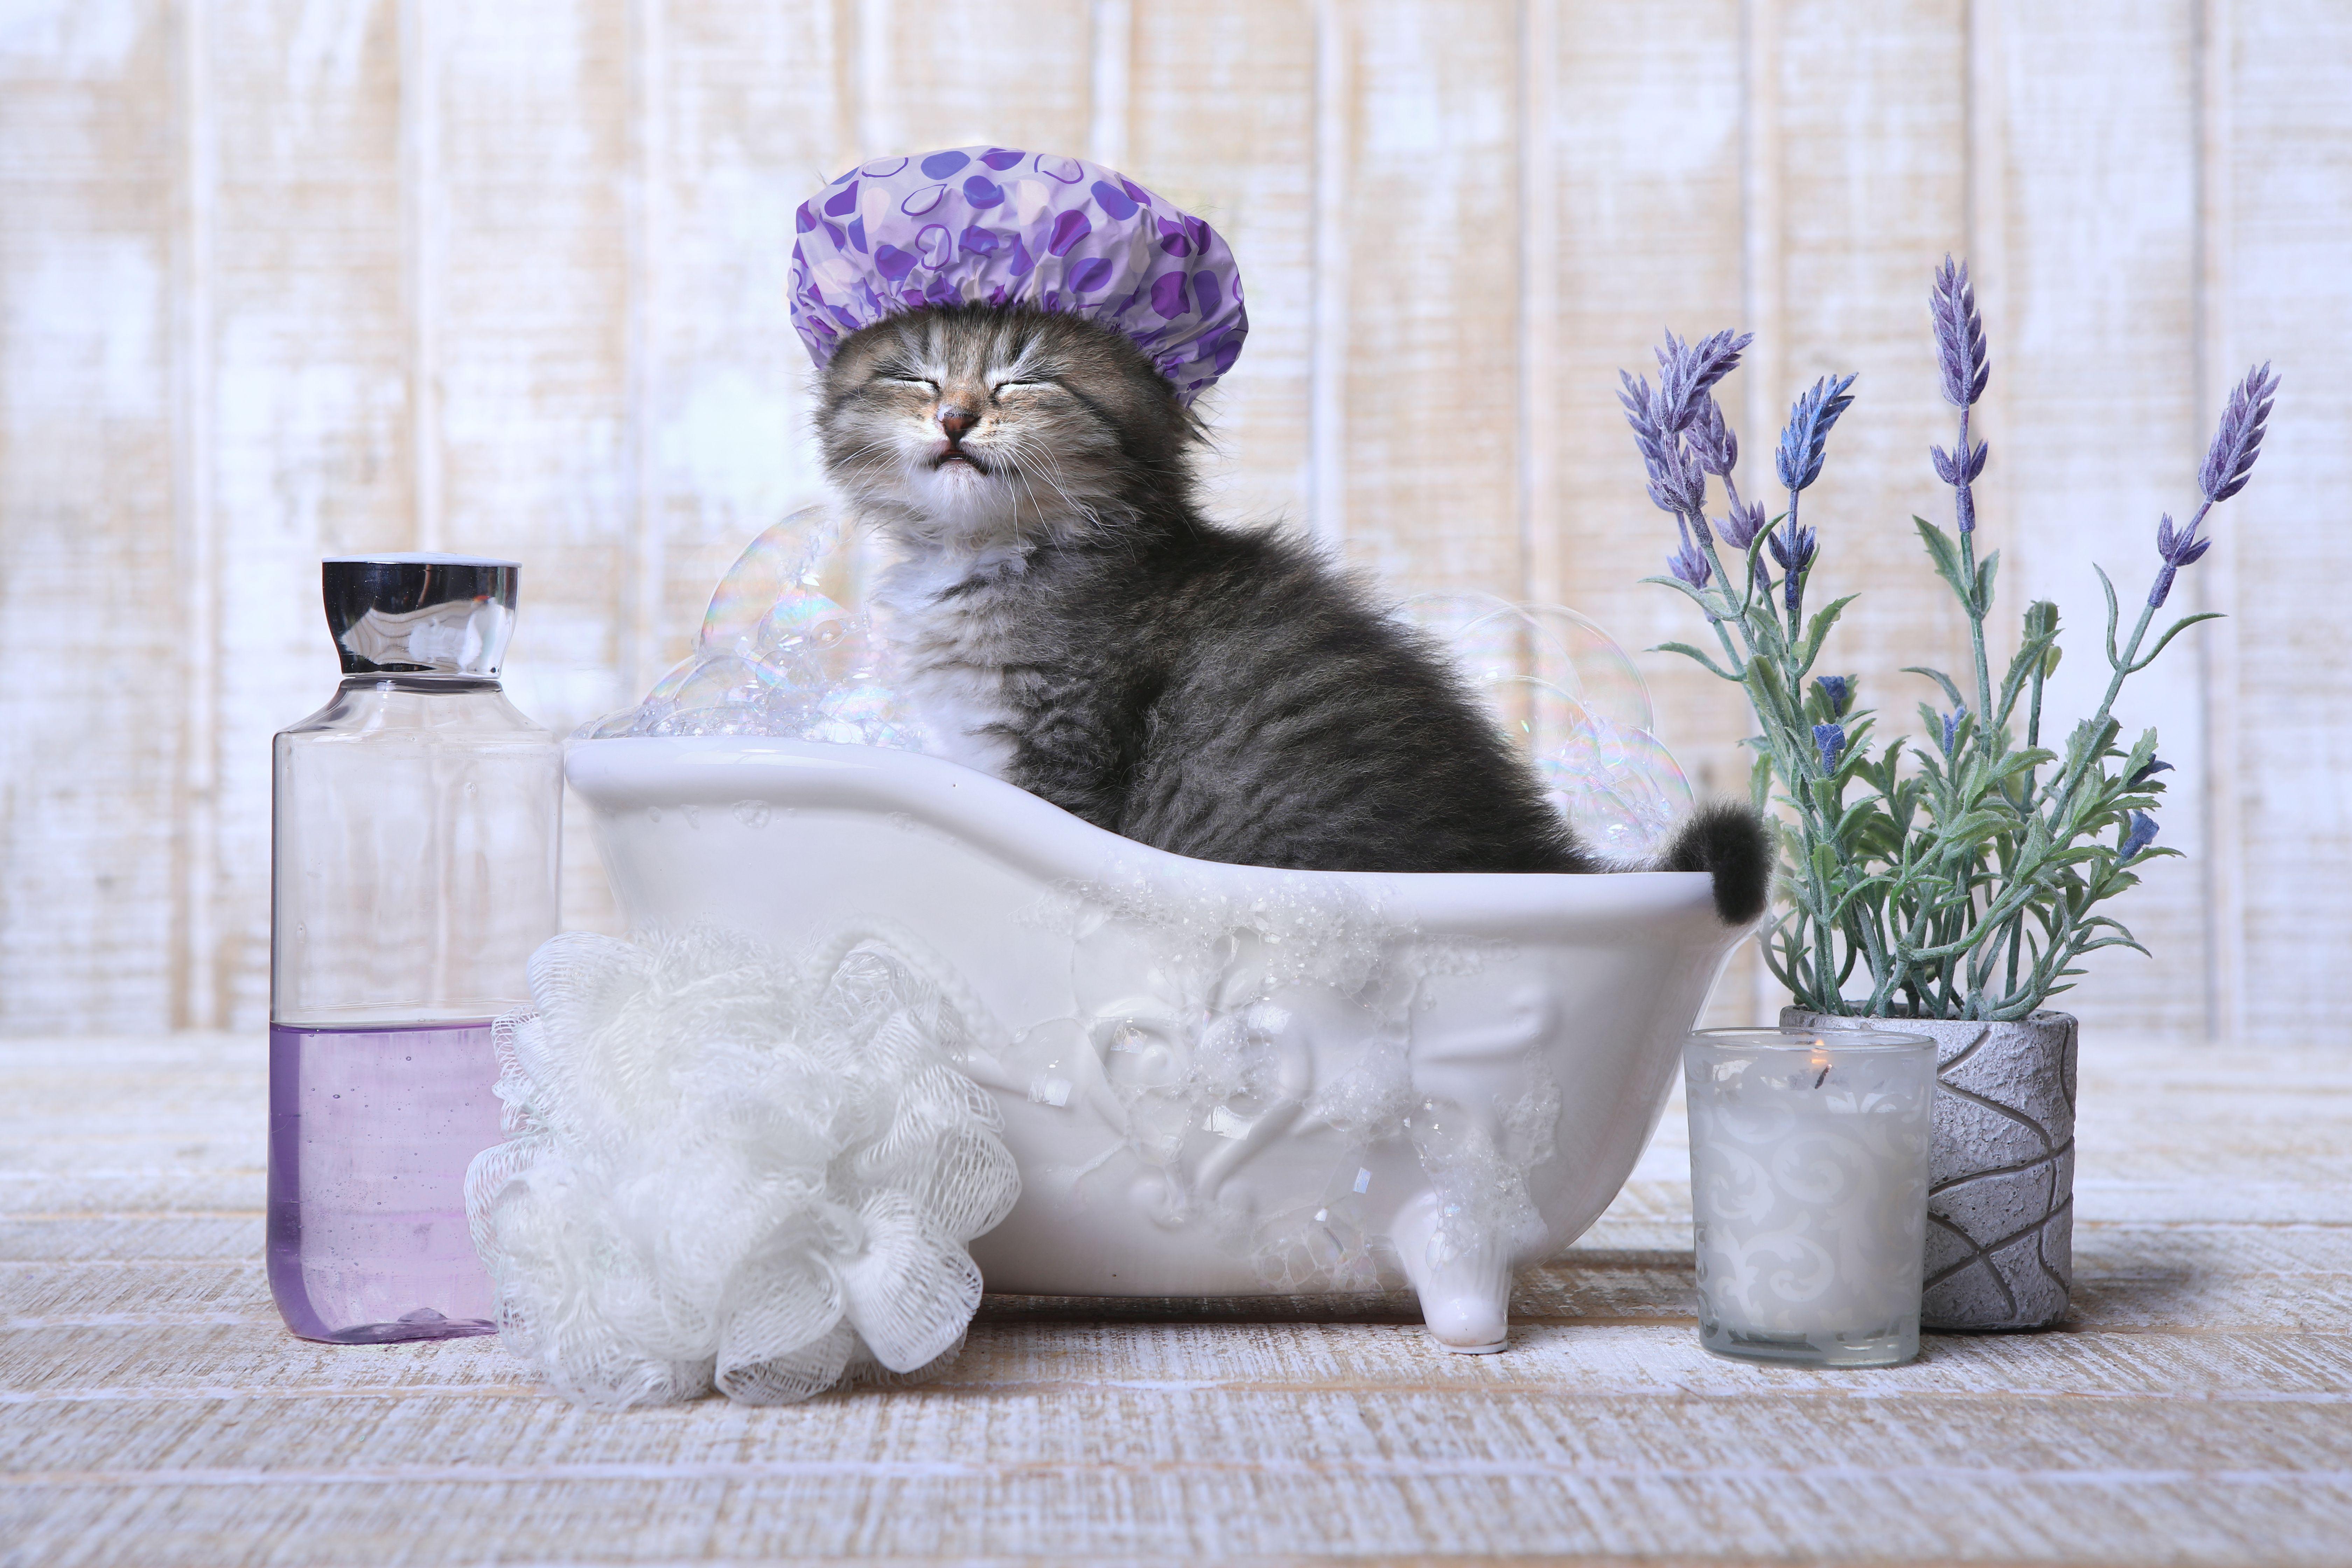 How To Bathe A Kitten Cuteness Adorable Kitten Kittens Cutest Cats